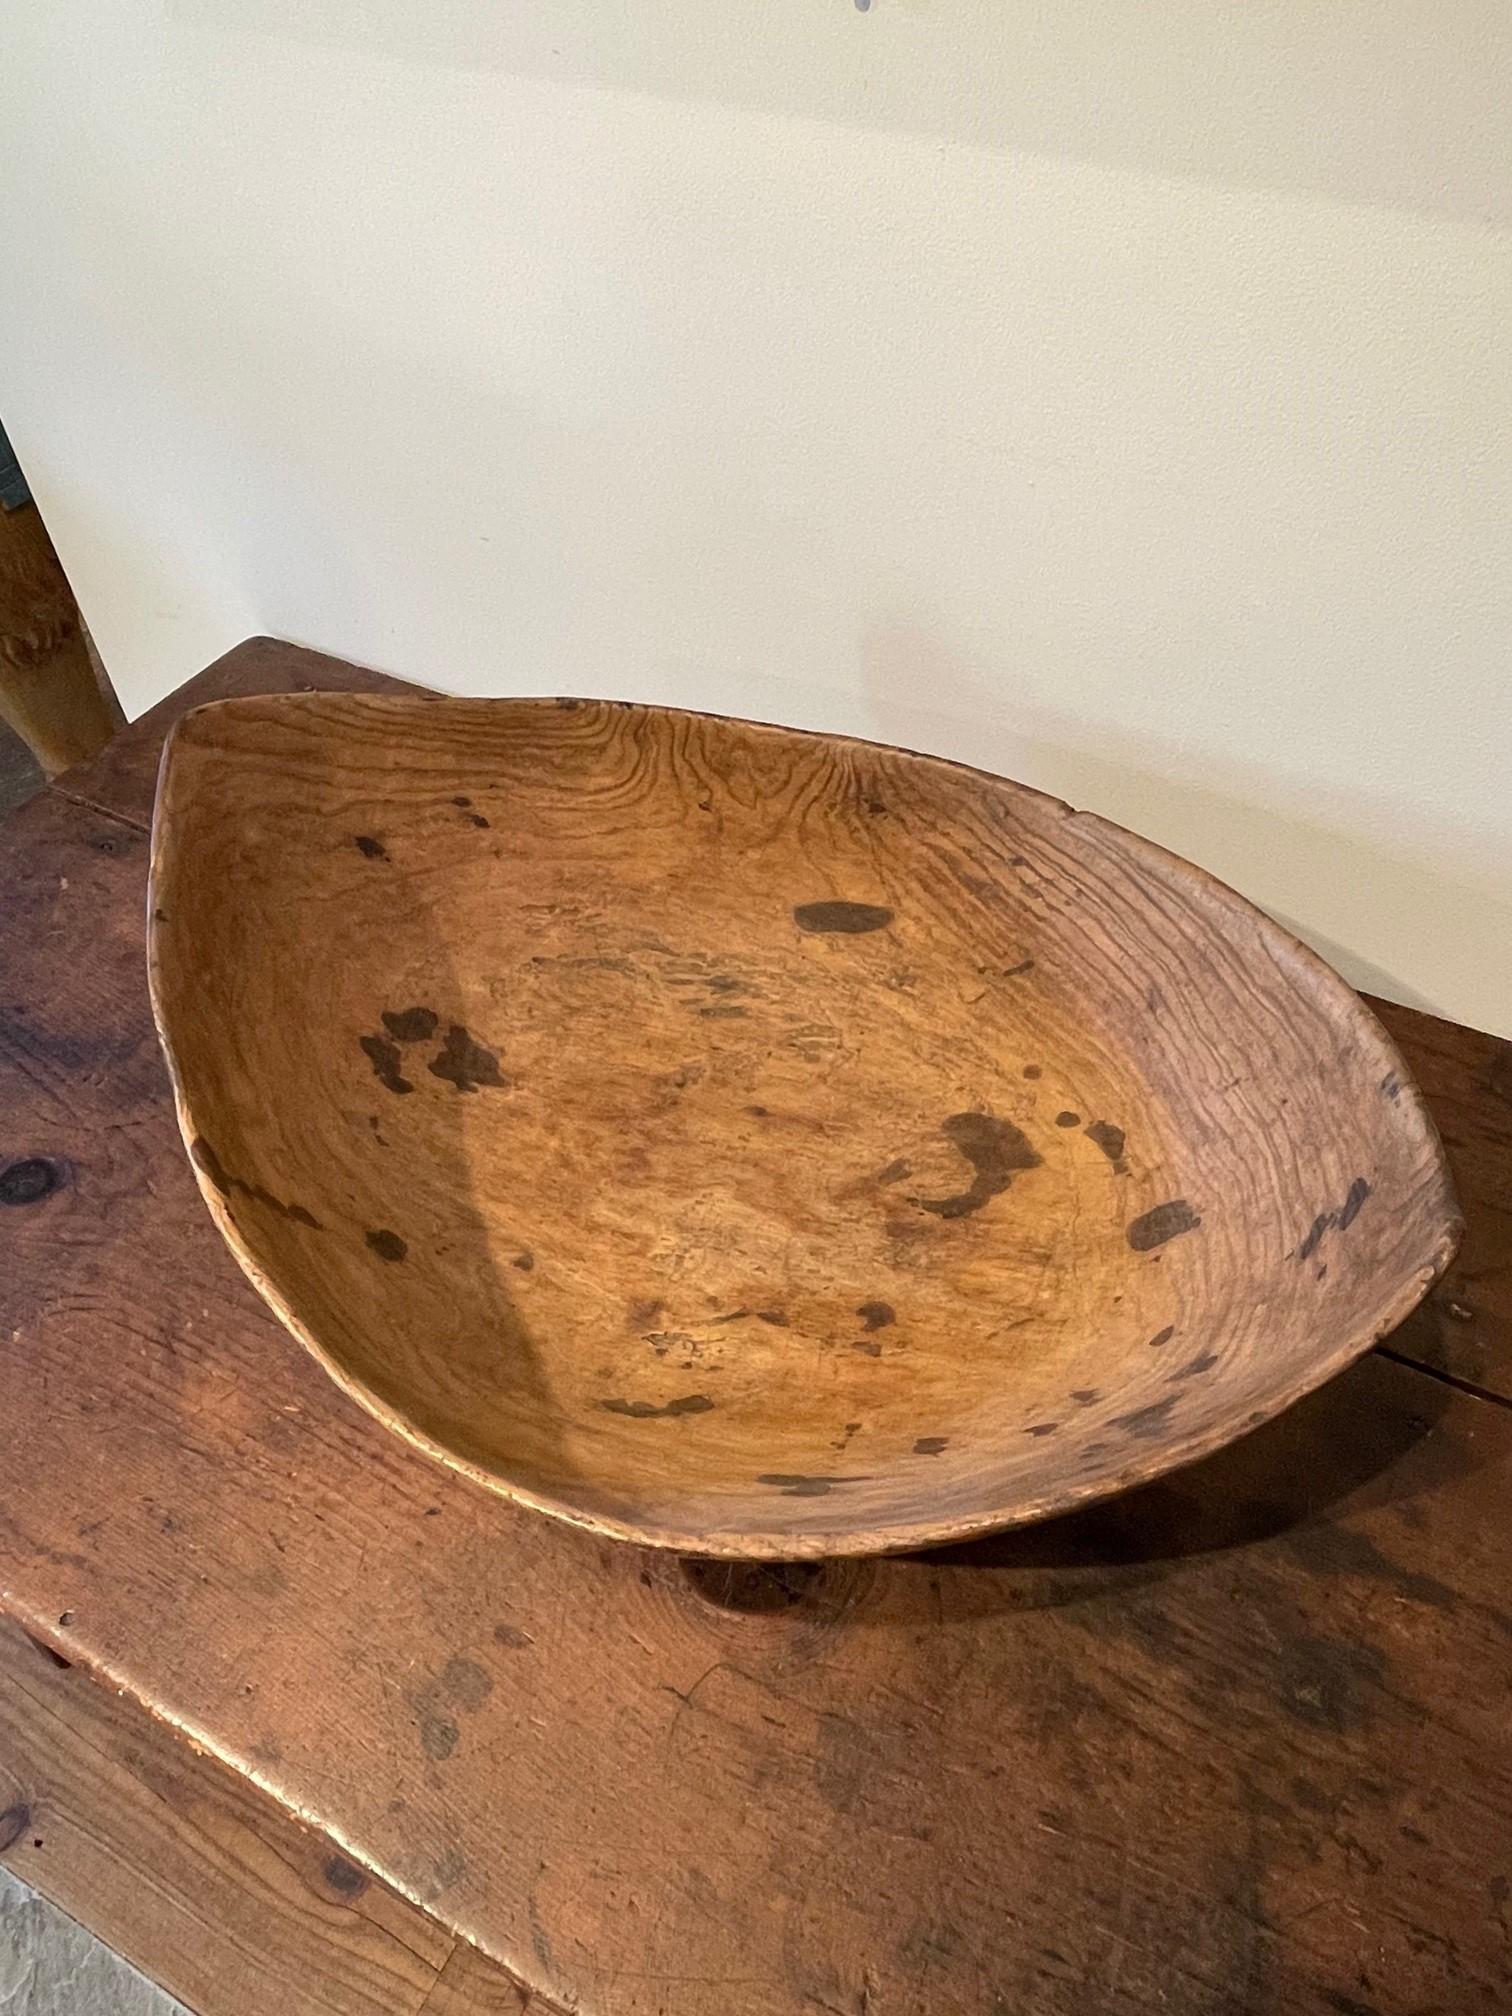 native american burlwood bowl rel=